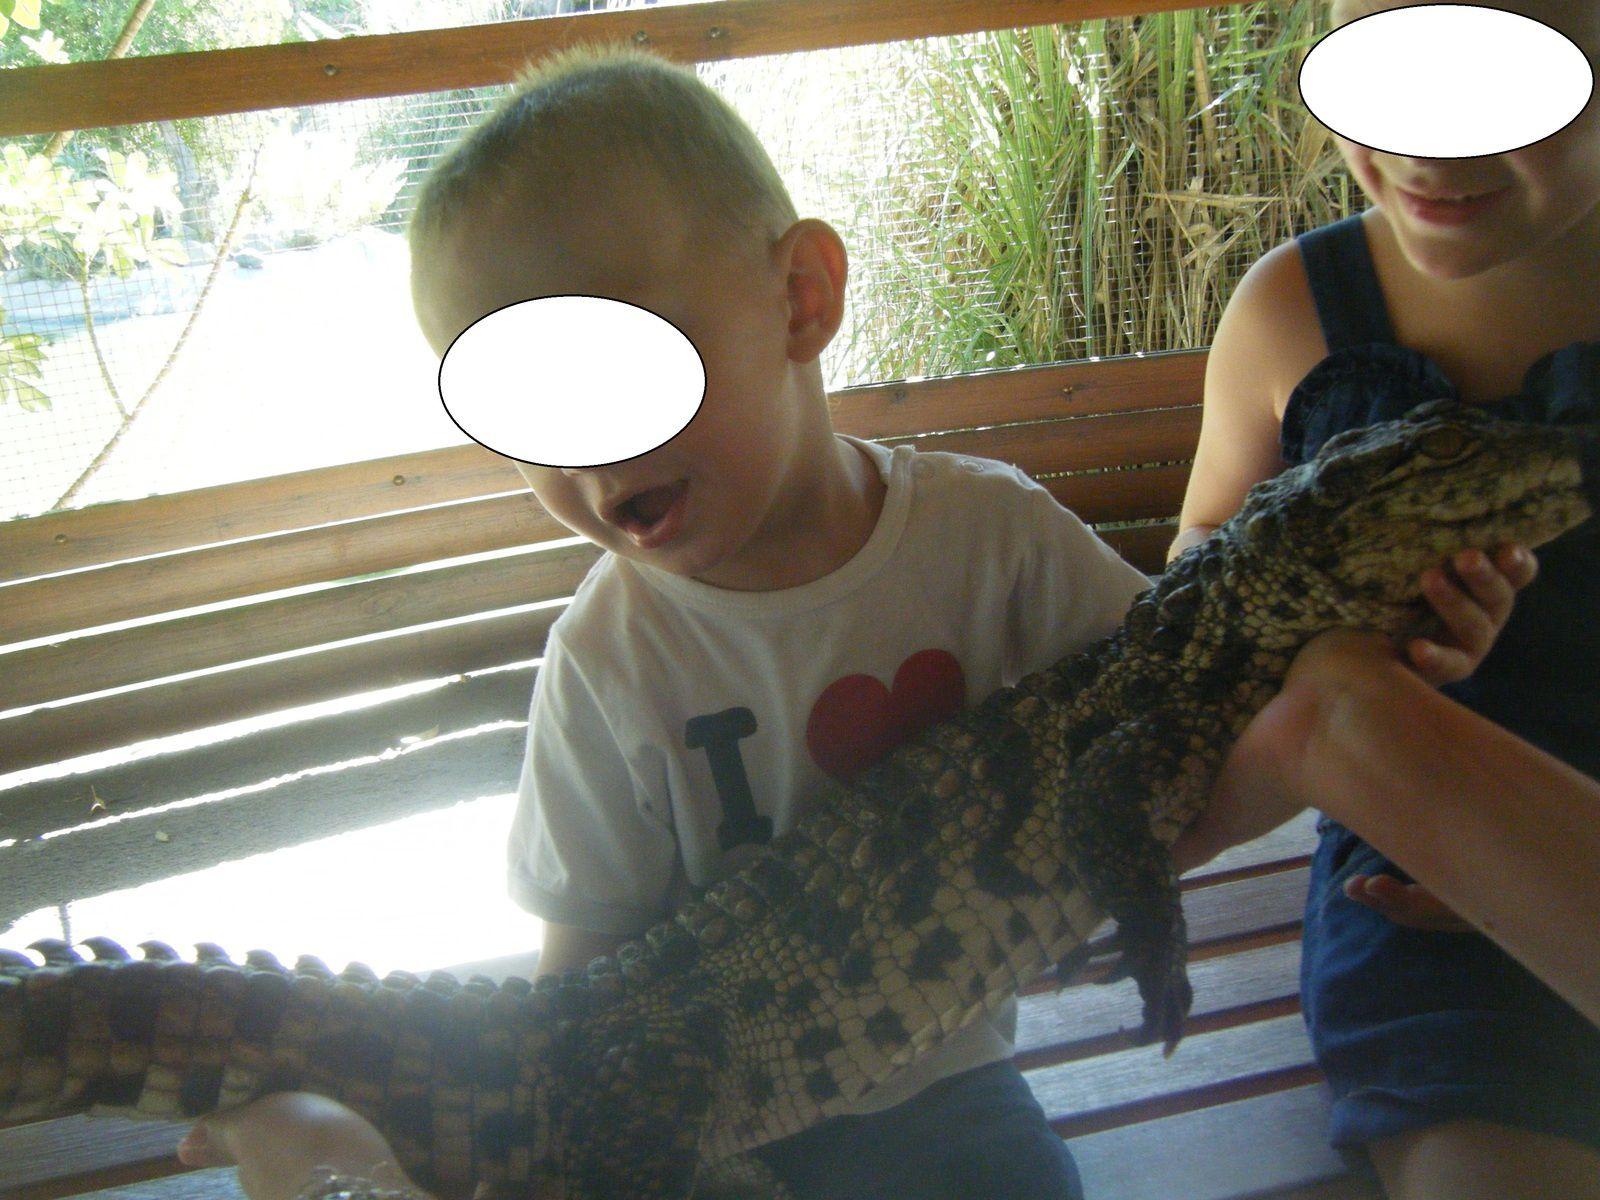 Ce bébé est en fait déjà grand! Si à la naissance, un petit pèse à peine 500g pour 12 cm, il prend 30 cm par an pour devenir adulte entre 12 et 15 ans. celui-ci avait 2 ans.